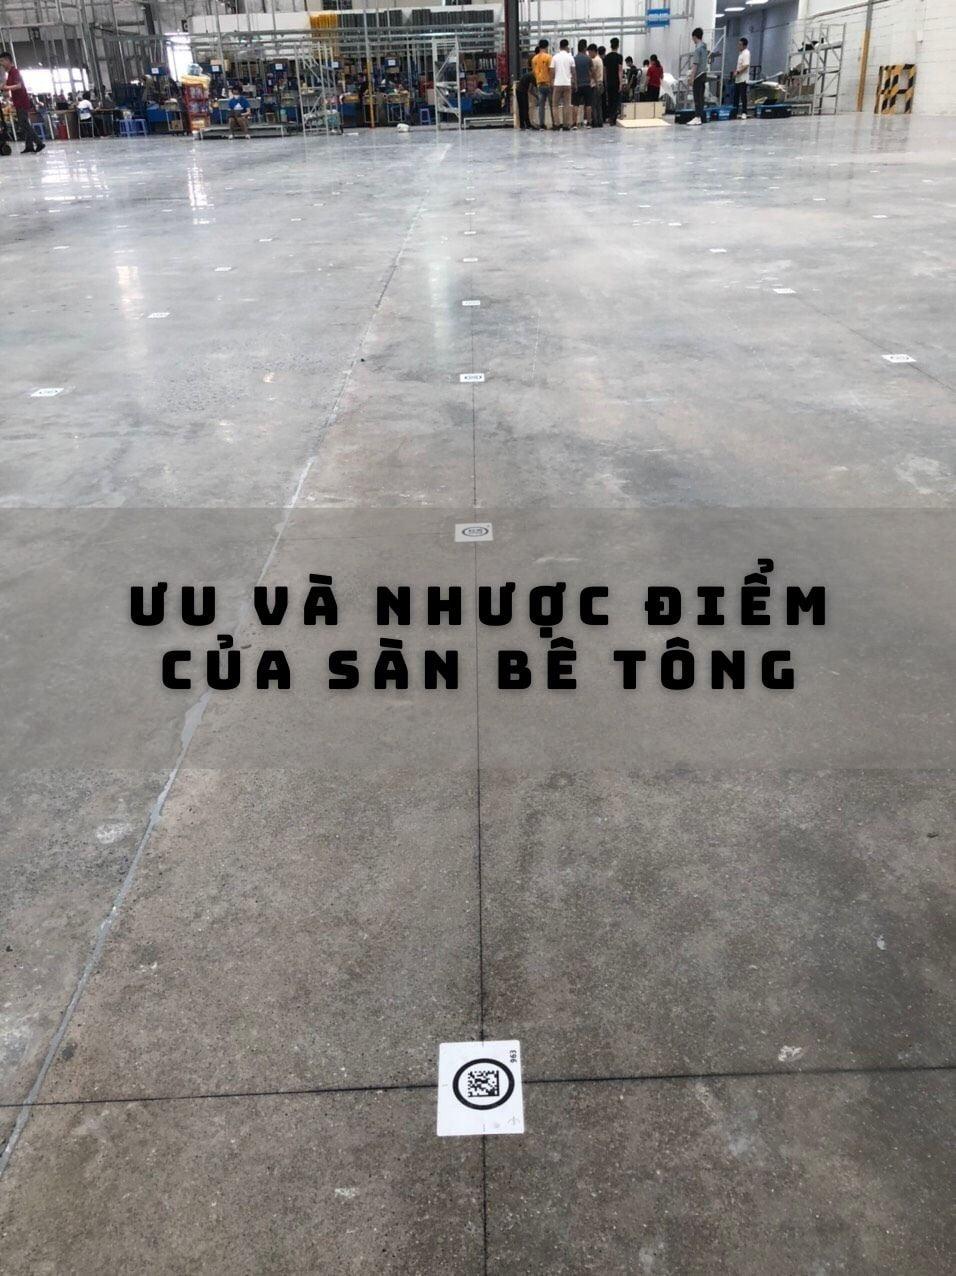 uu-va-nhuoc-diem-cua-san-be-tong